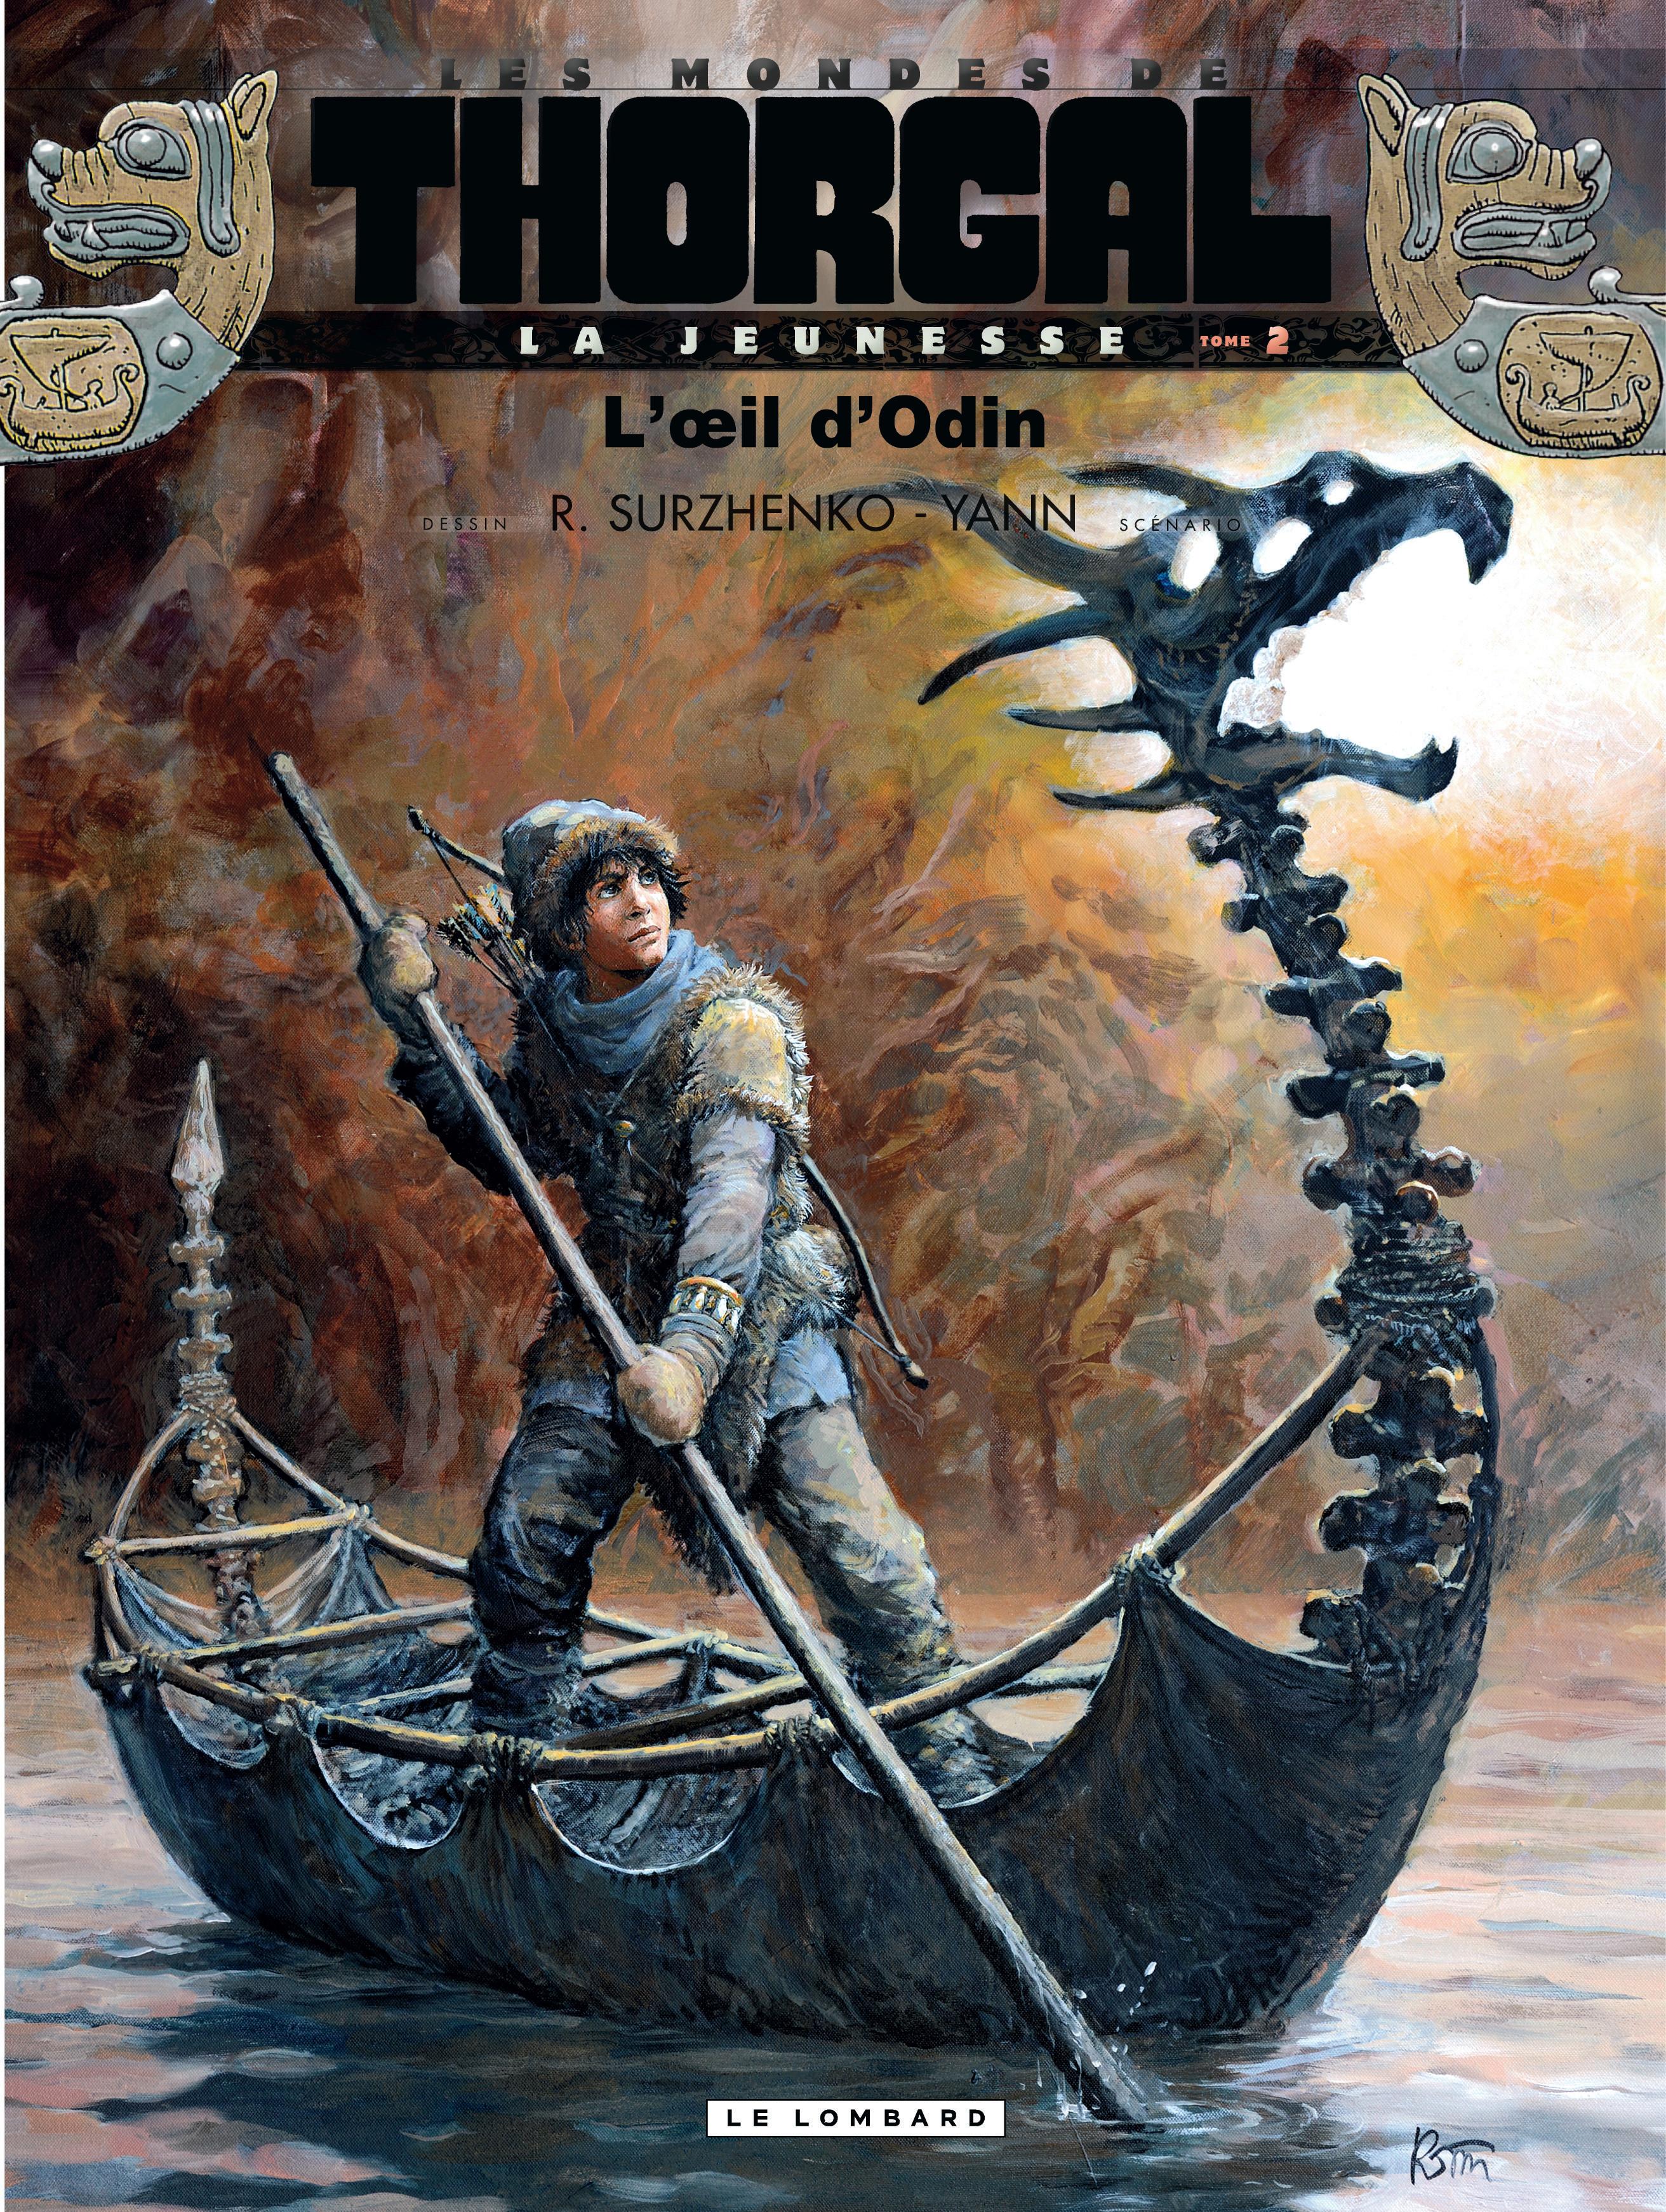 Les mondes de Thorgal - La jeunesse 2 - L'oeil d'Odin